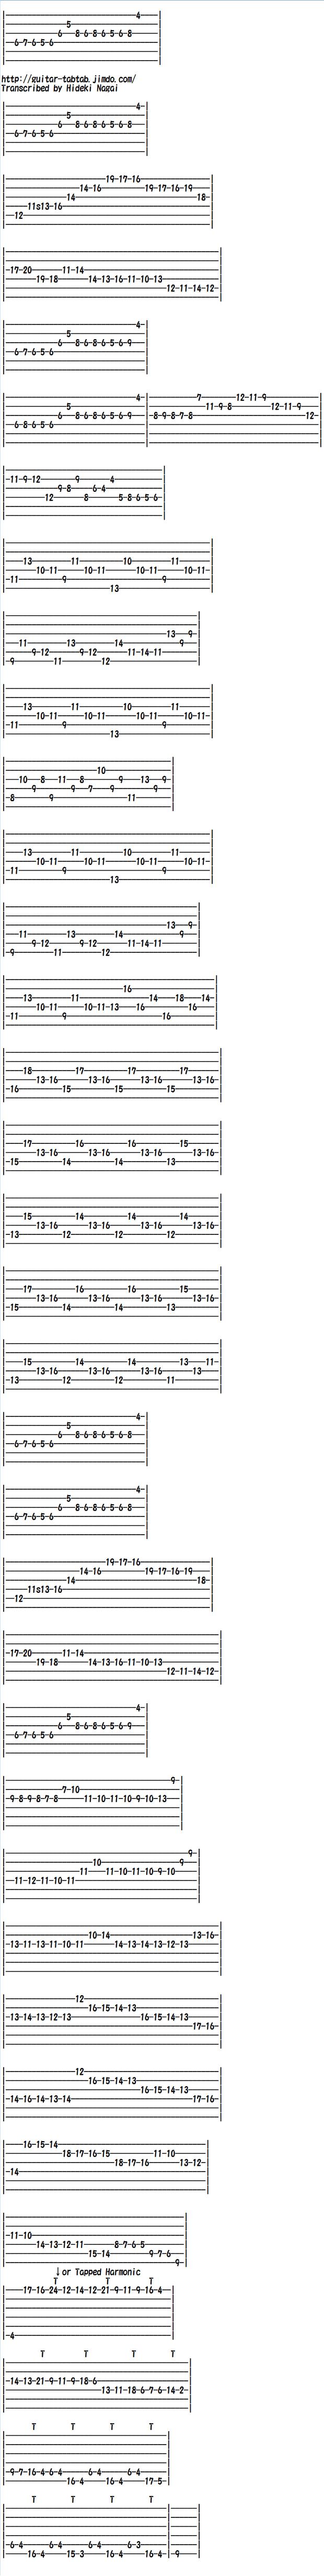 エレキギター無料楽譜(タブ譜)、ショパンの「幻想即興曲」